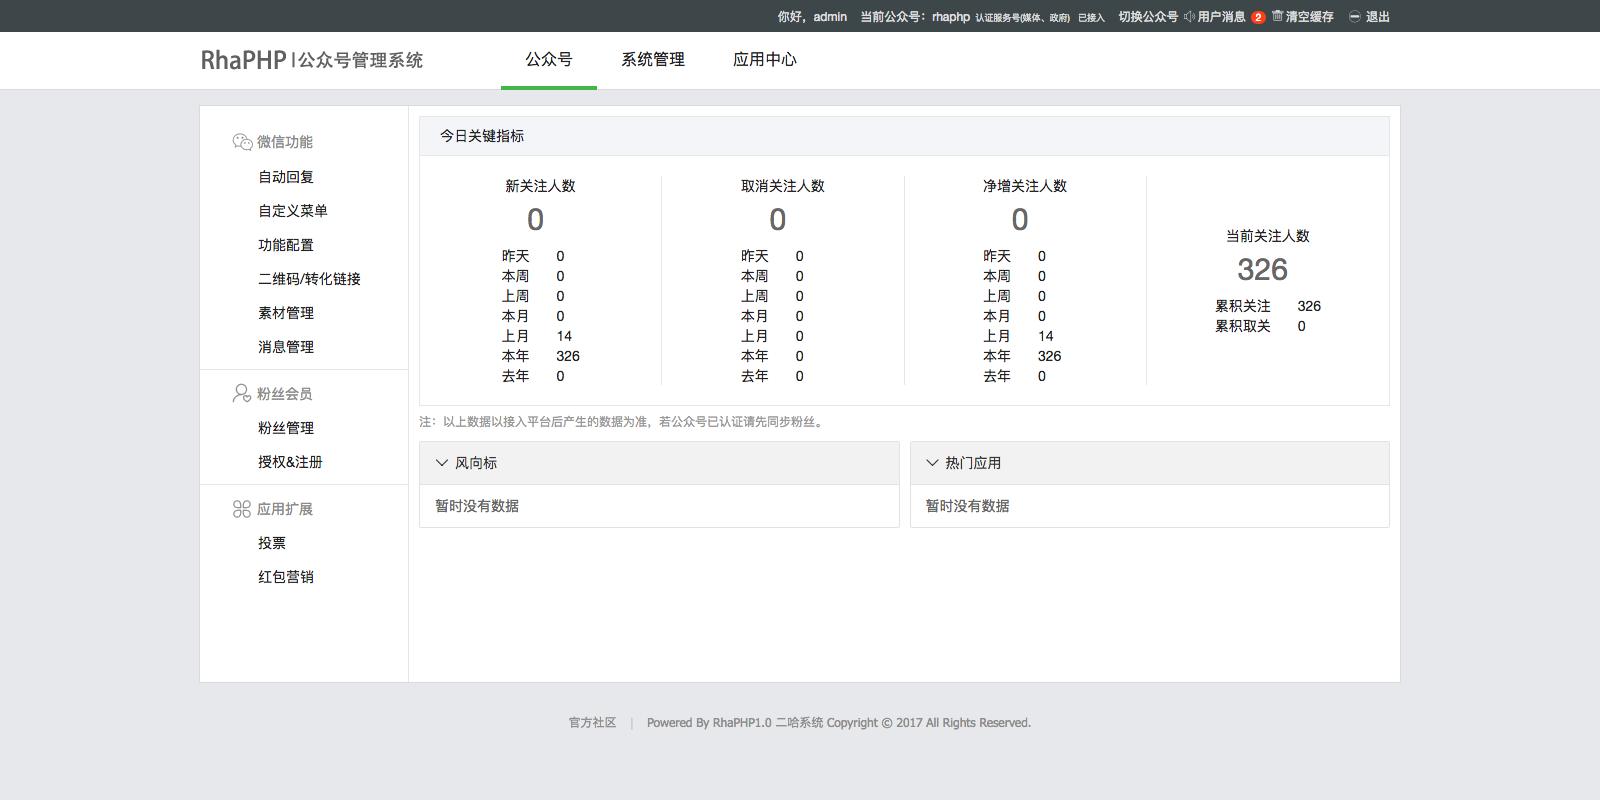 微信公众号管理系统(开发框架) RhaPHP